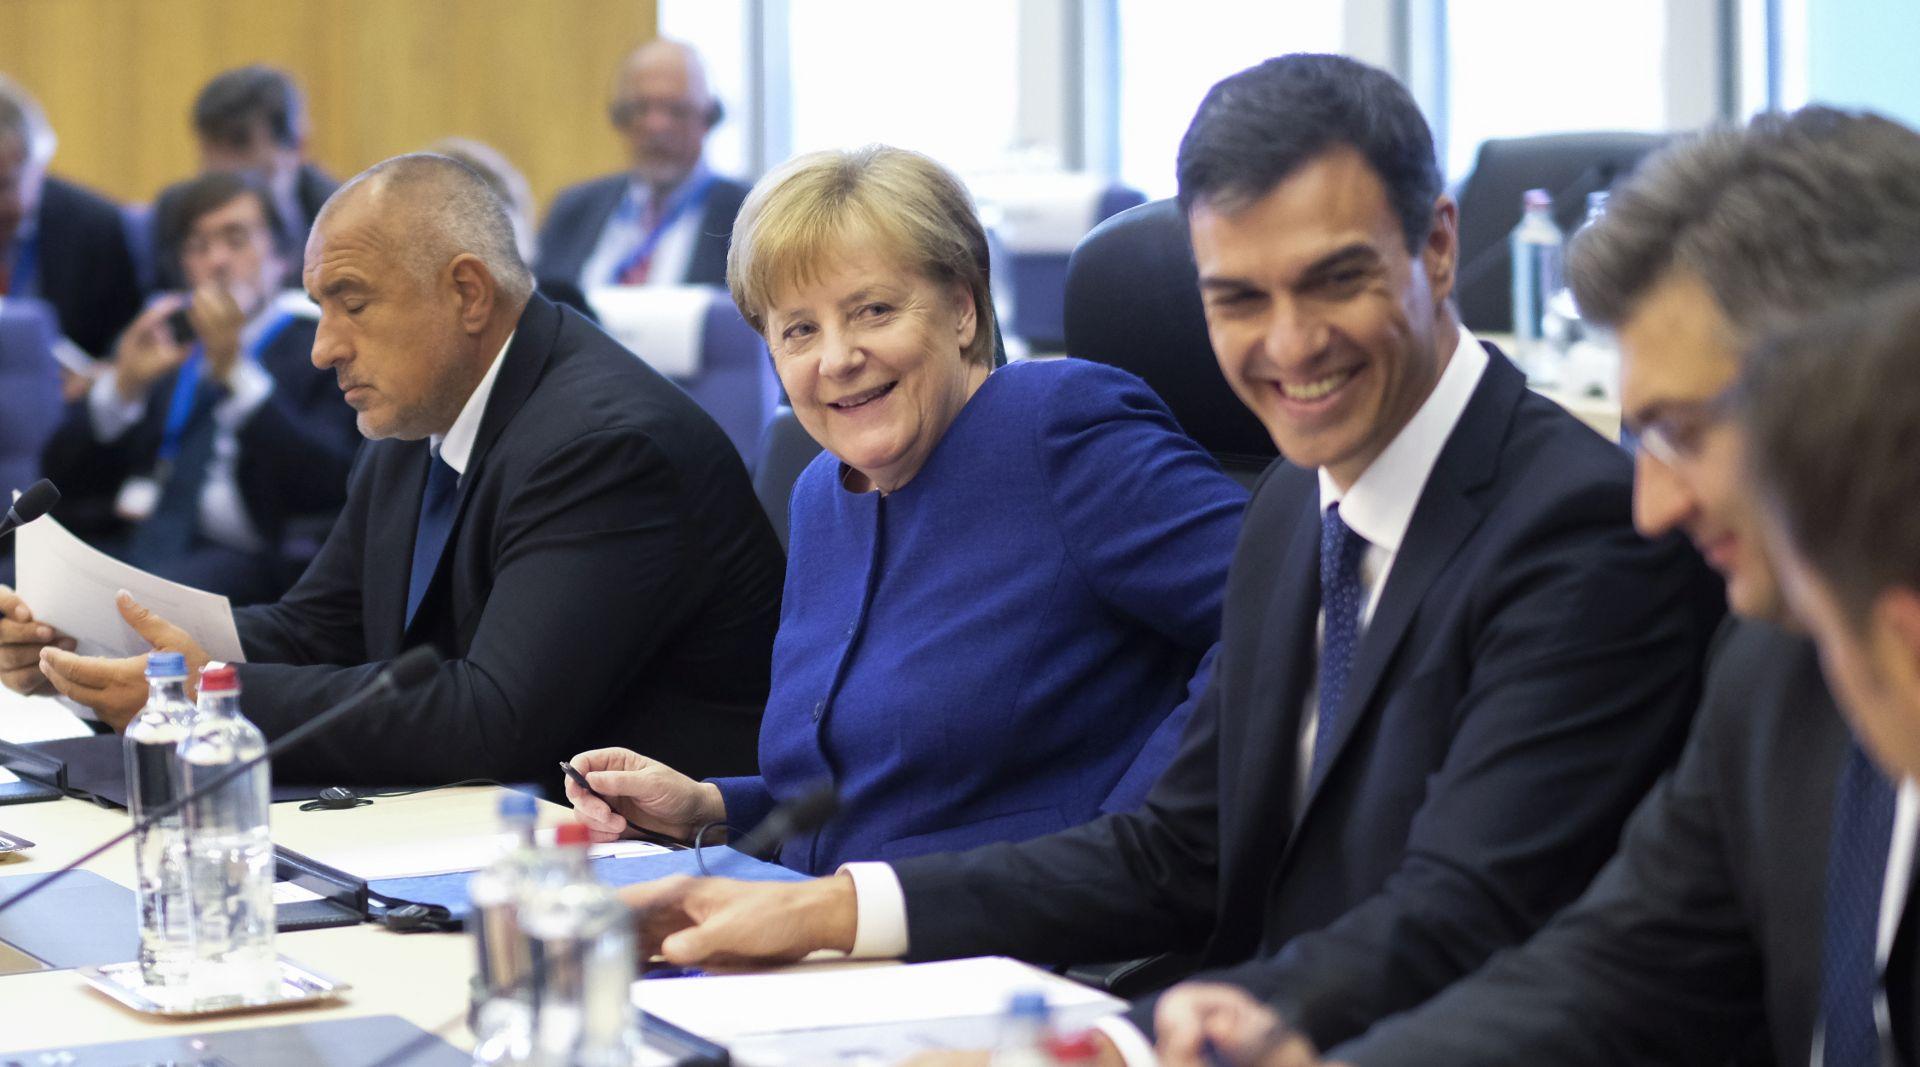 Migrantska kriza dijeli Europu poput vrućeg kestena